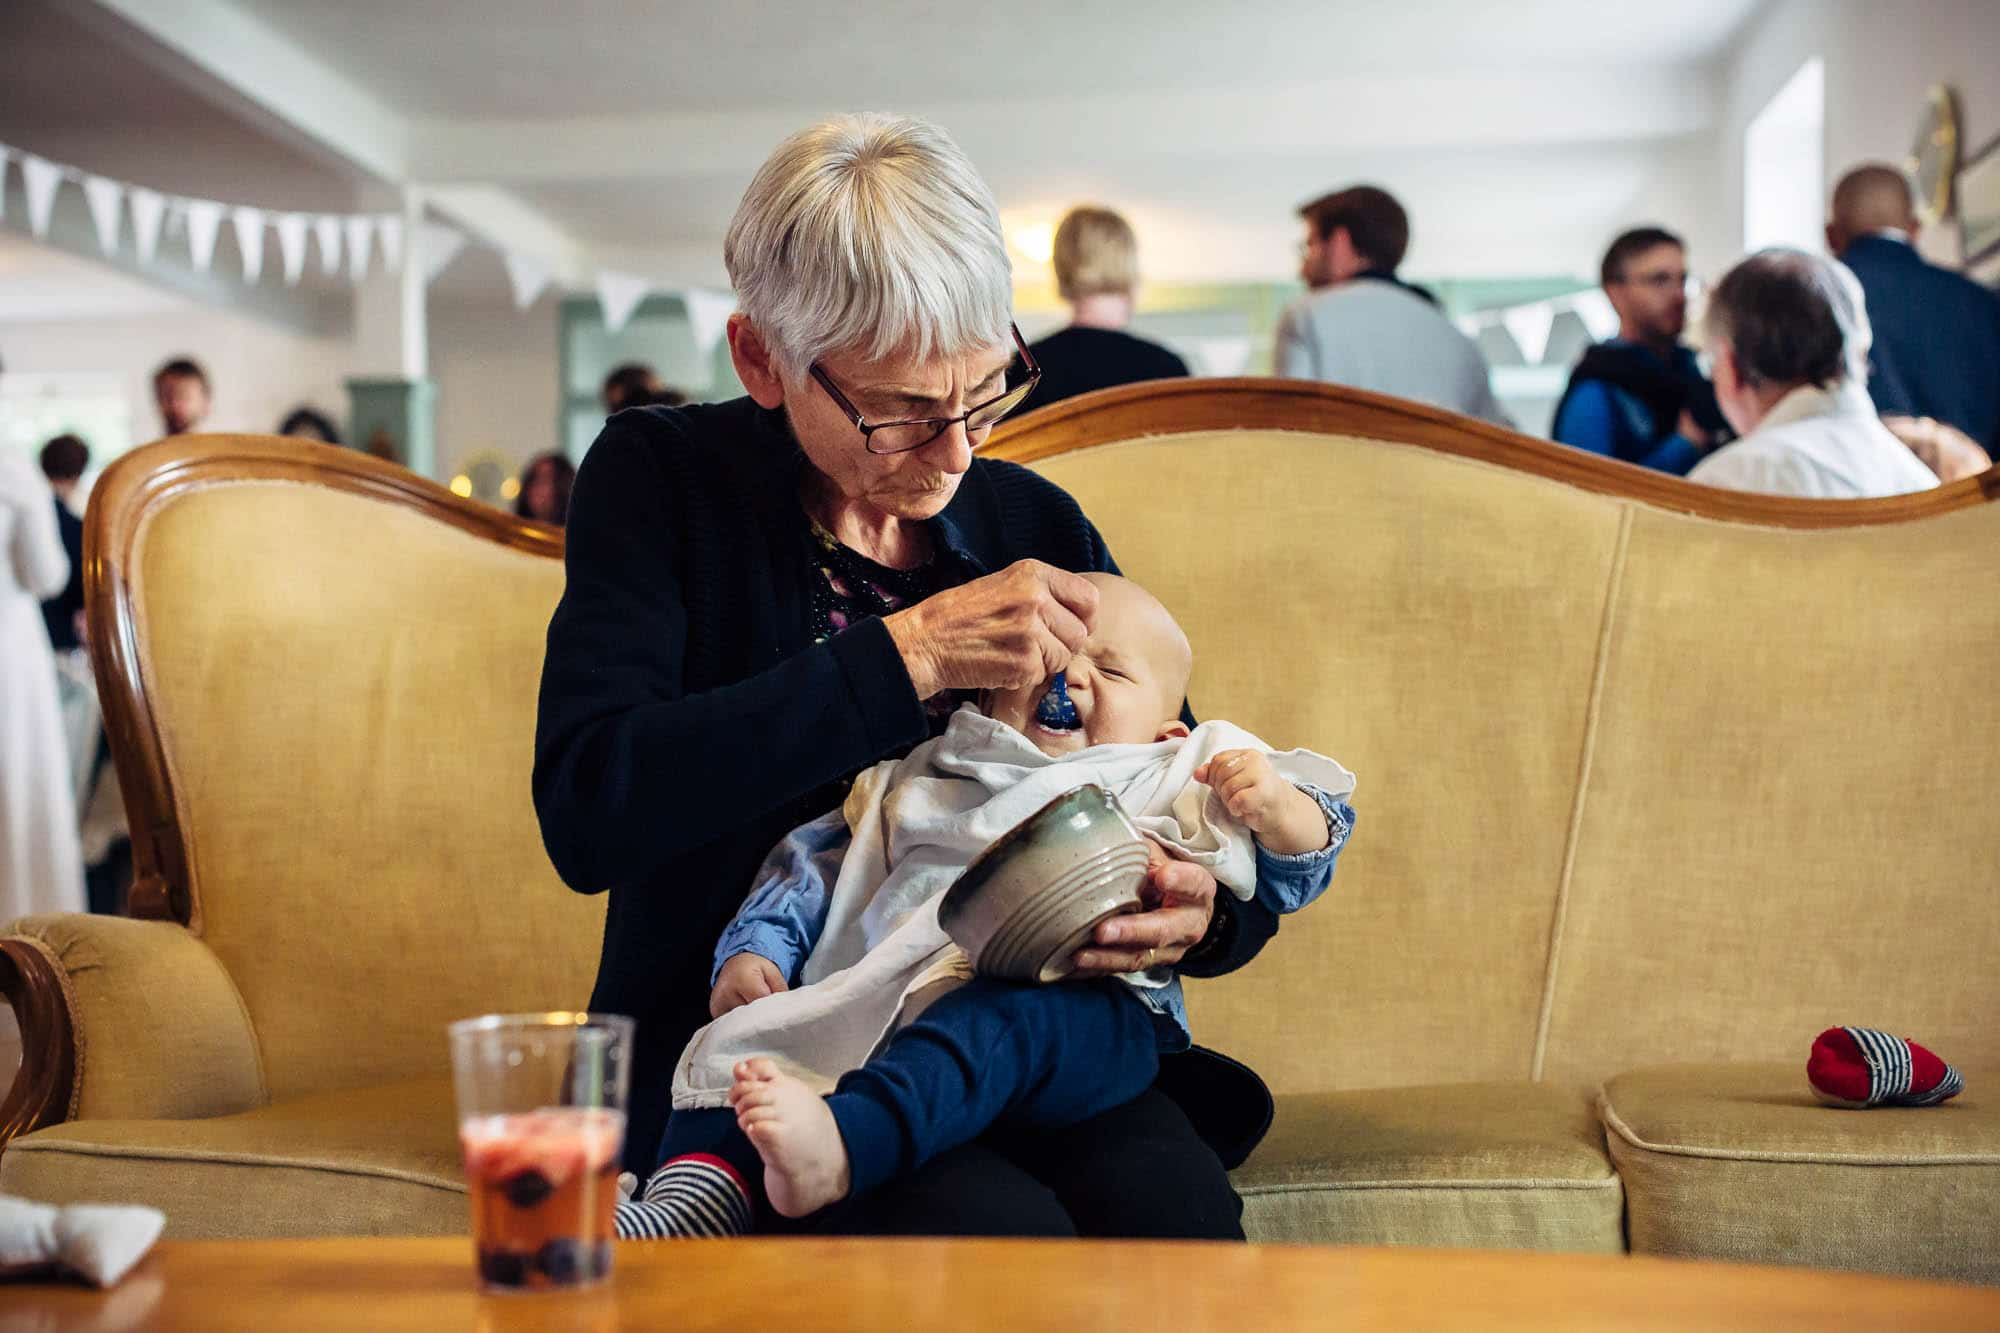 Baby wird von Oma auf Sofa gefüttert